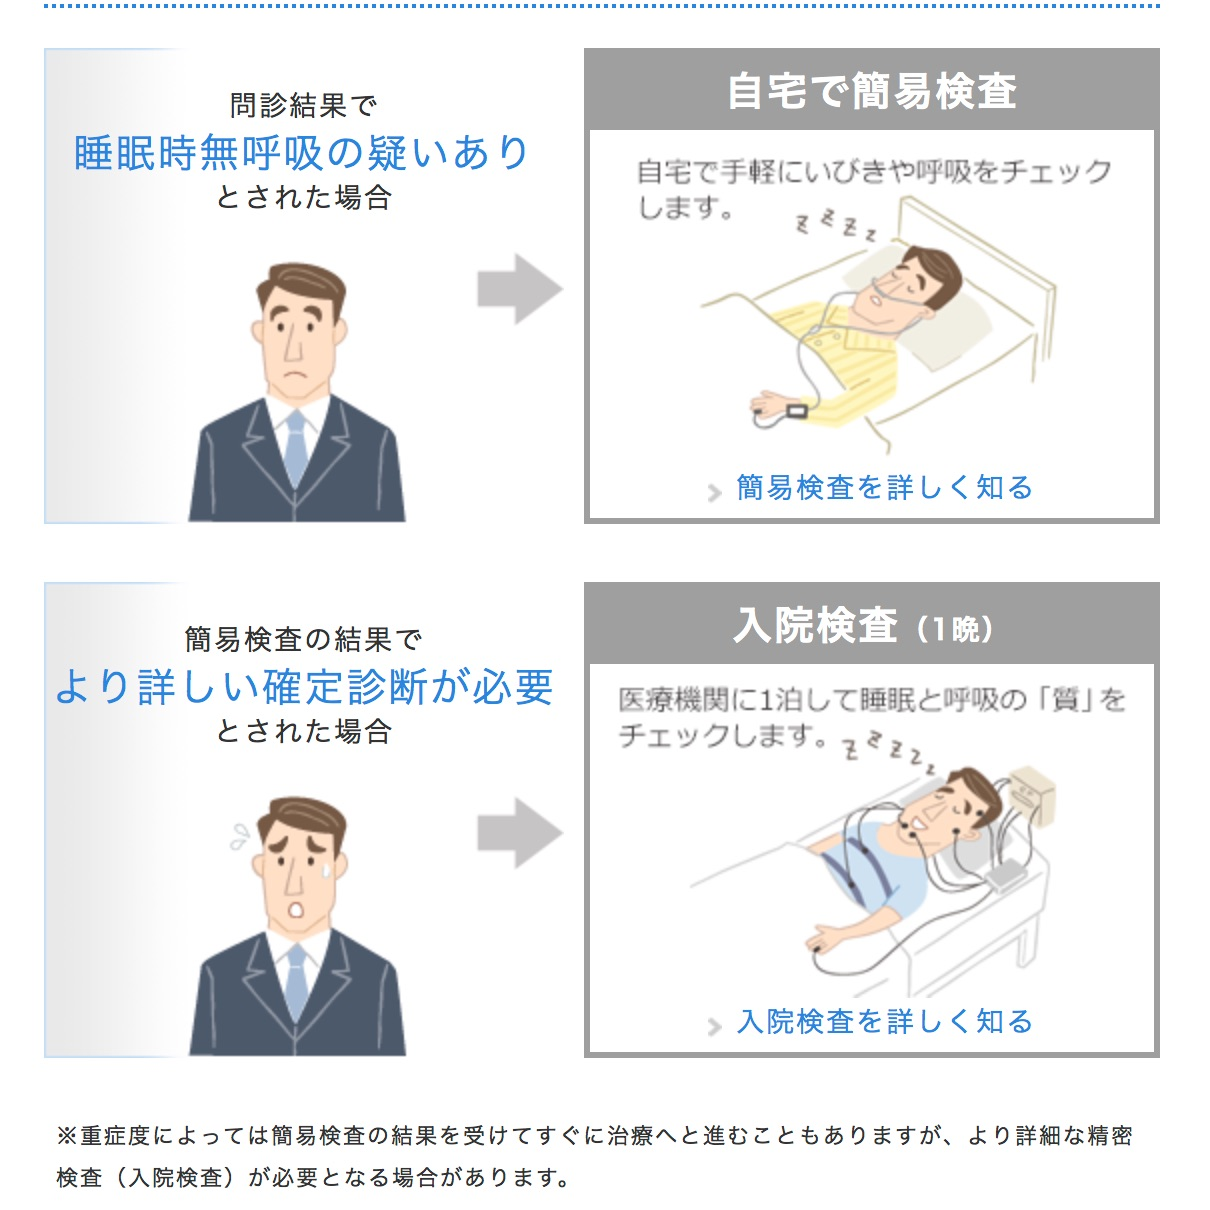 検査の流れ|検査について|検査と治療|睡眠時無呼吸なおそう com 睡眠時無呼吸症候群のポータルサイト